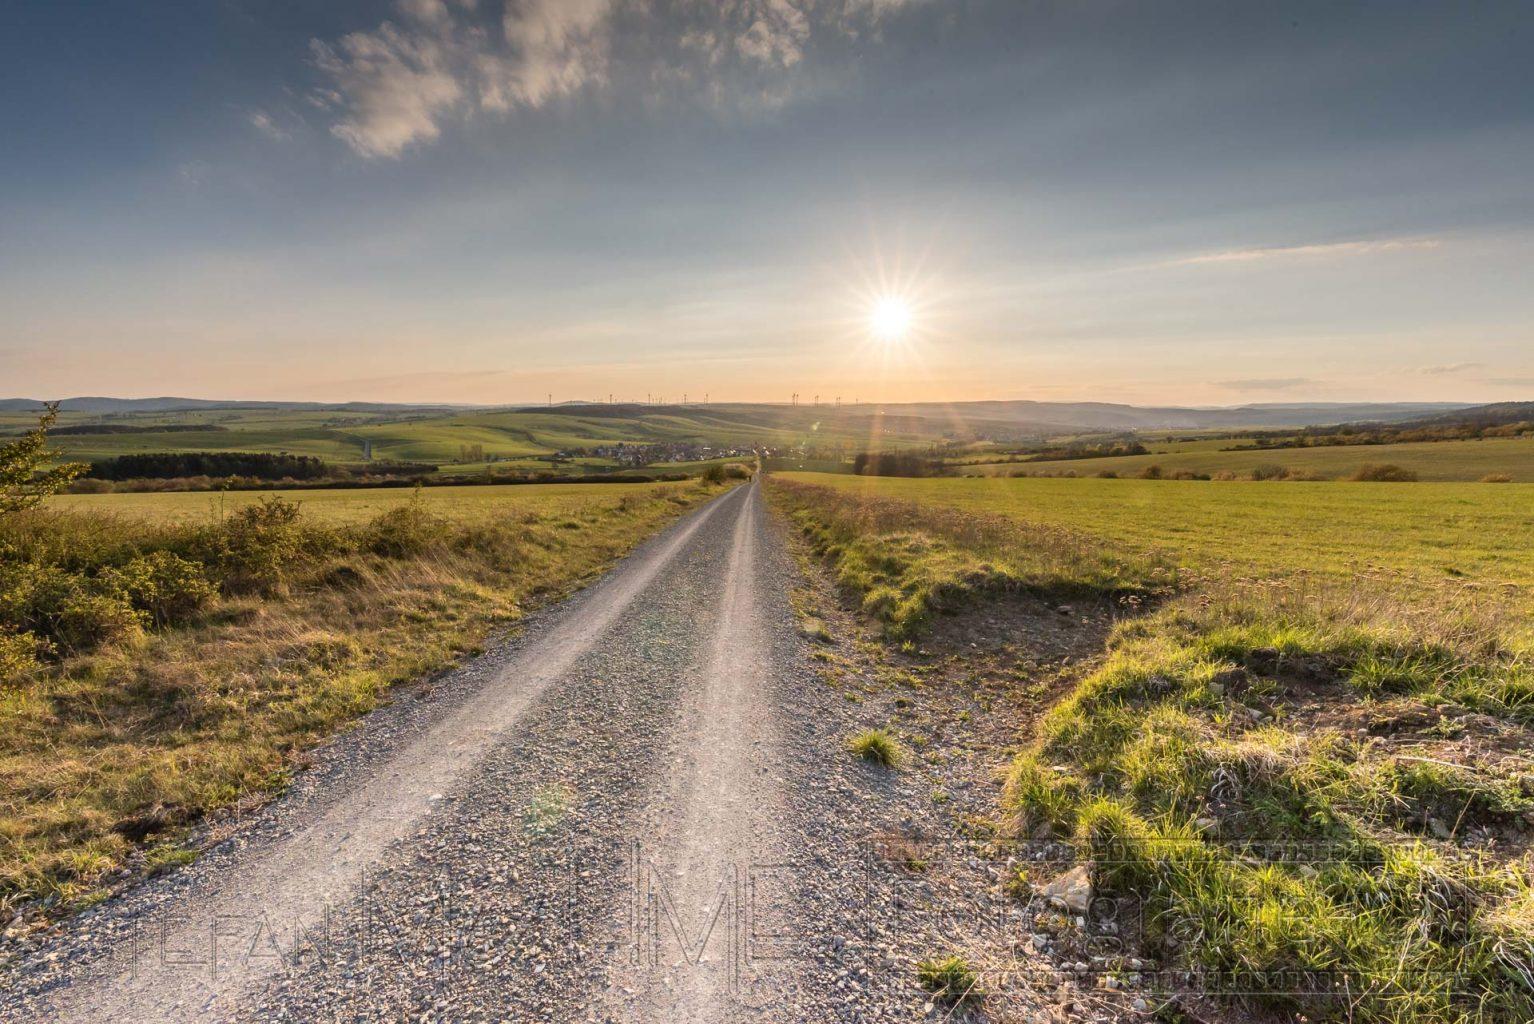 Weg,schotterweg,sonne,gegenlicht abendsonne,sonnenuntergang,natur,landschaft,Weitwinkel